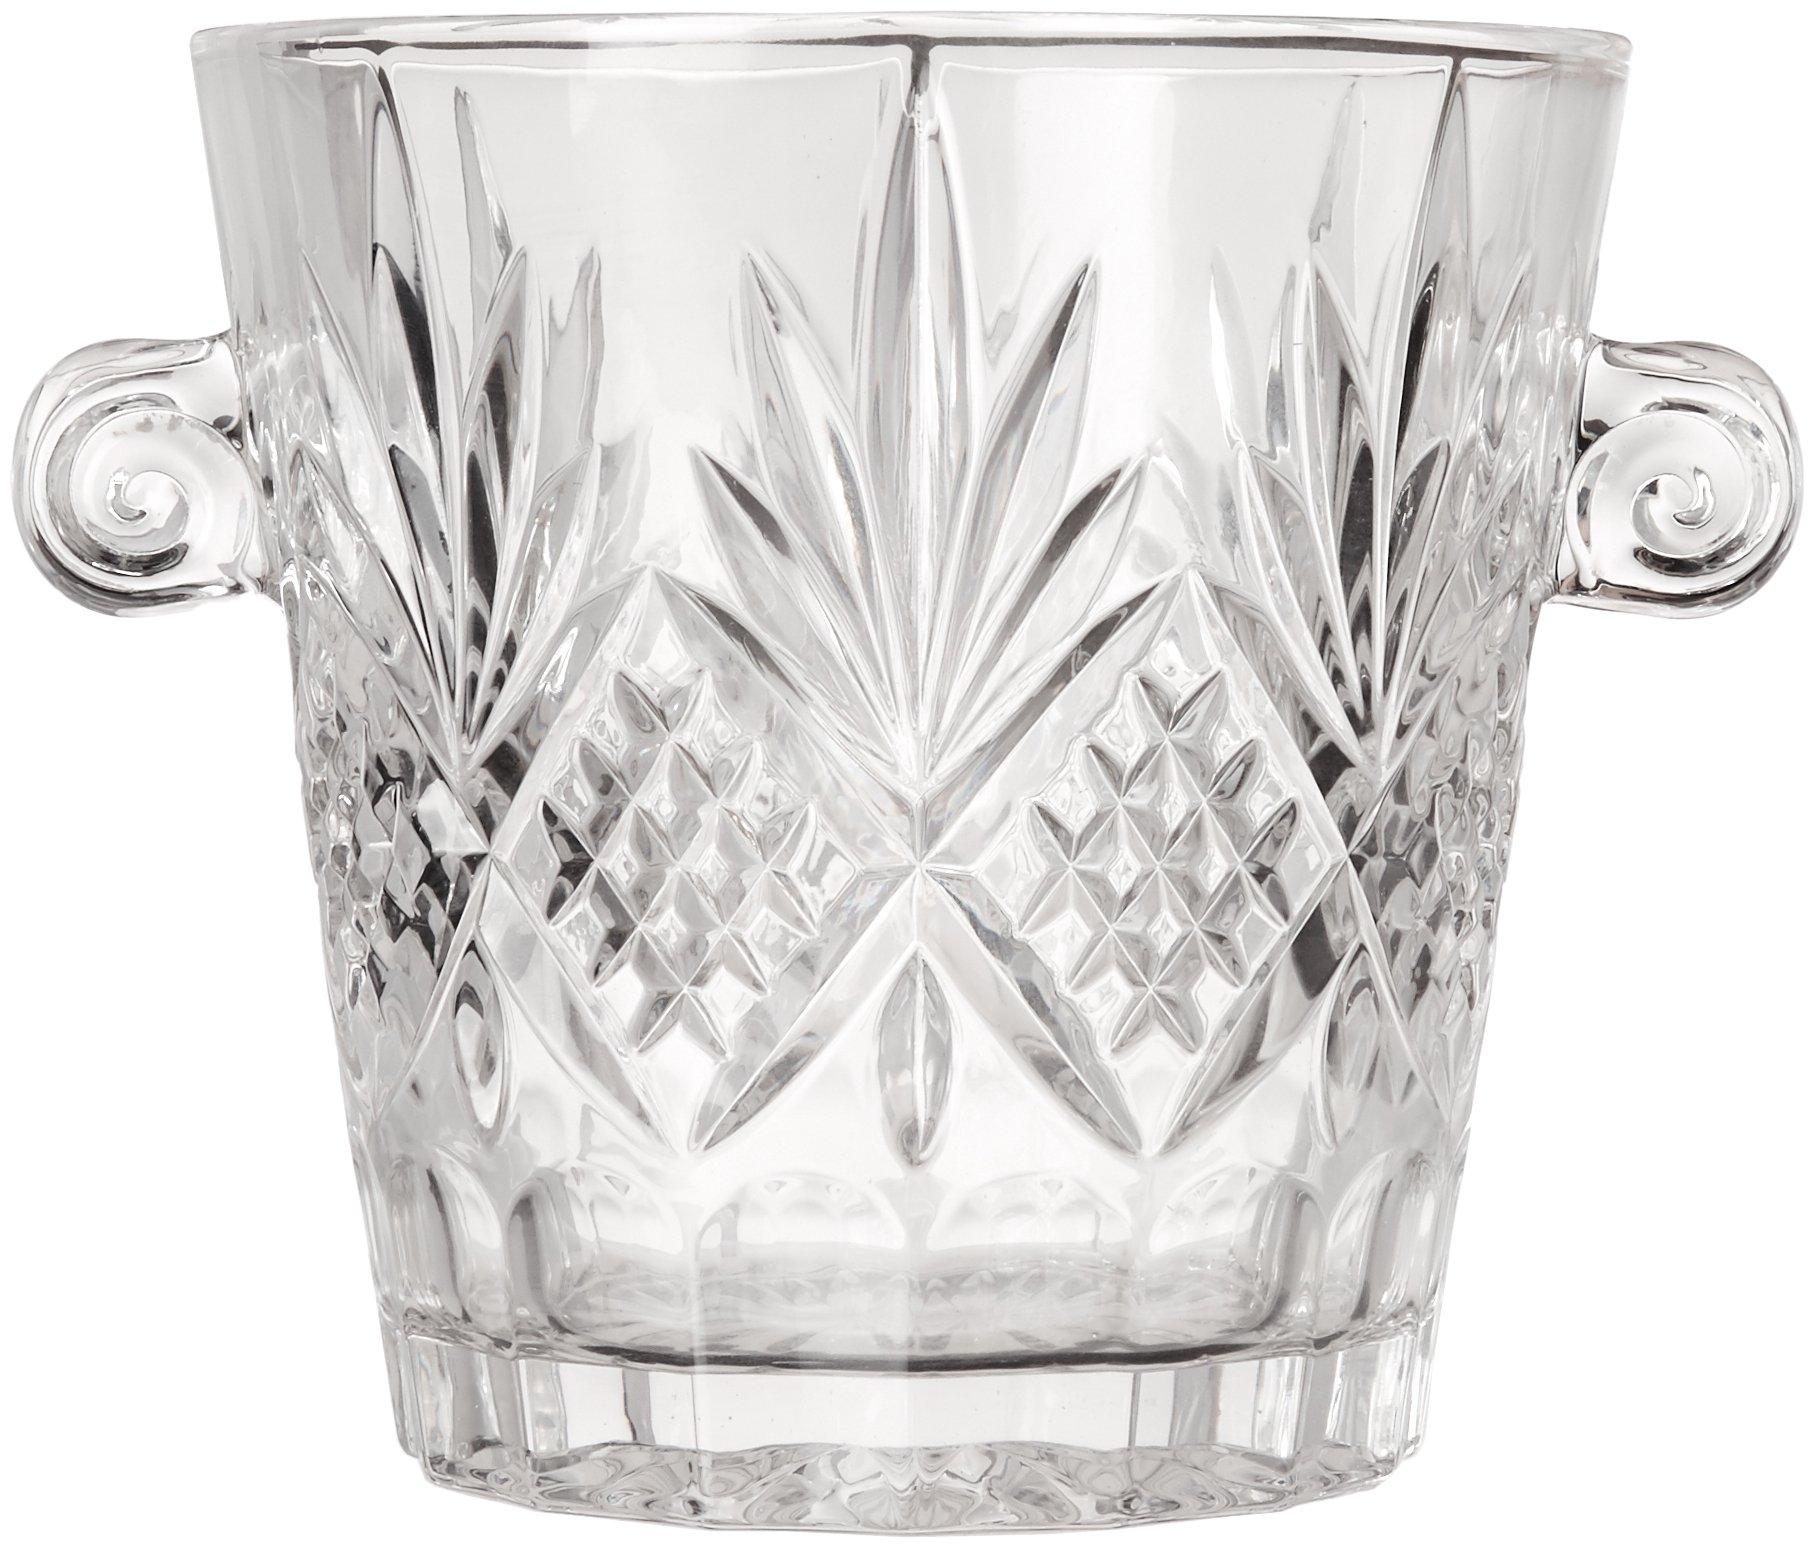 Godinger Dublin Crystal Ice Bucket by Godinger (Image #1)